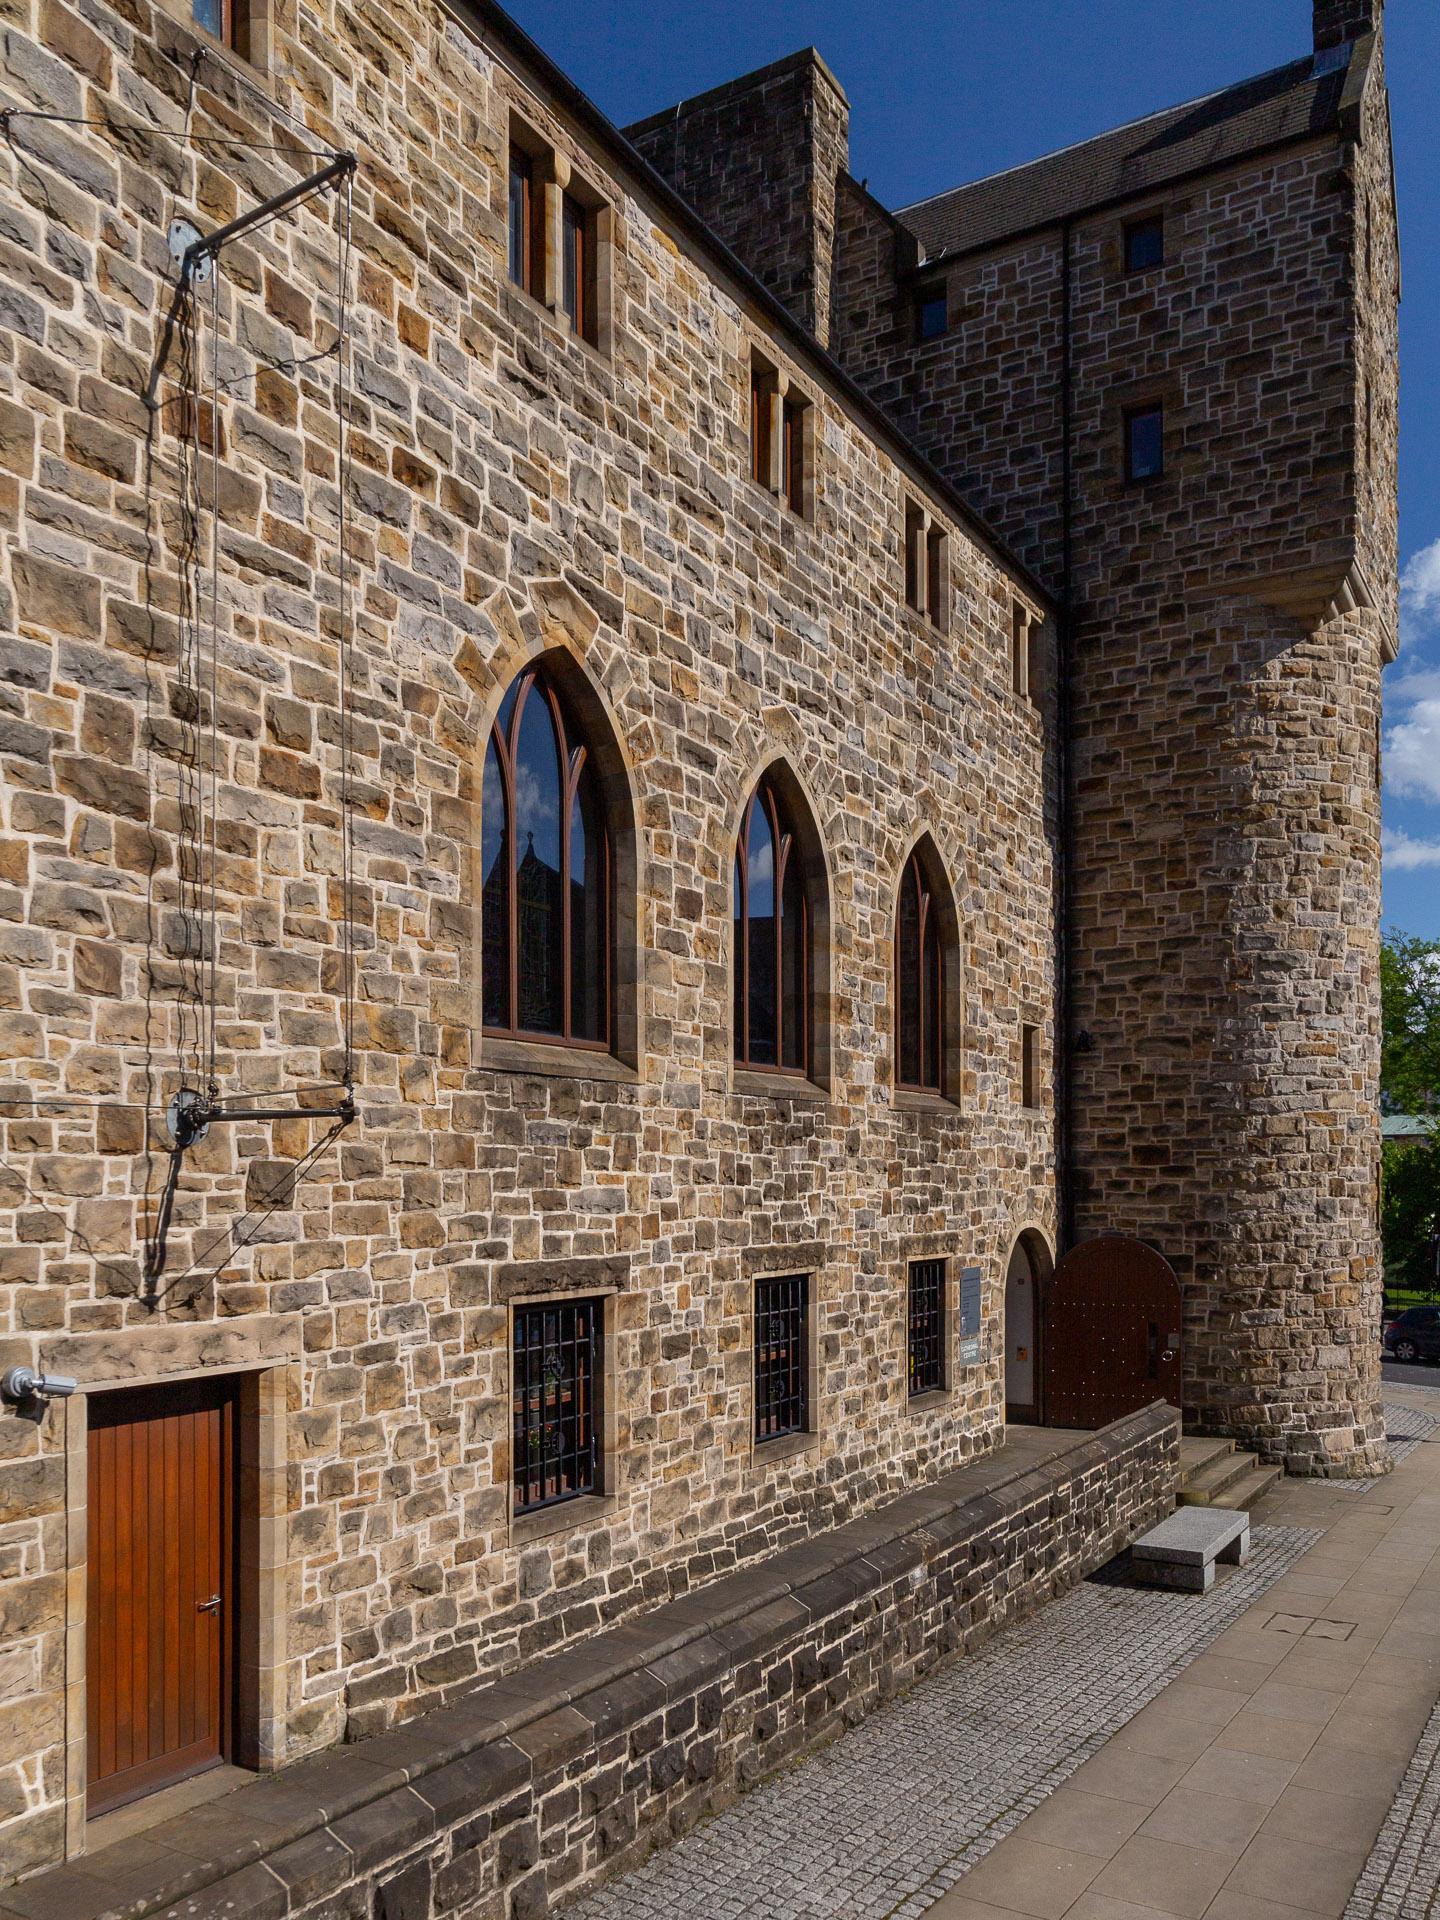 St-Mungos Museum of Religious Life